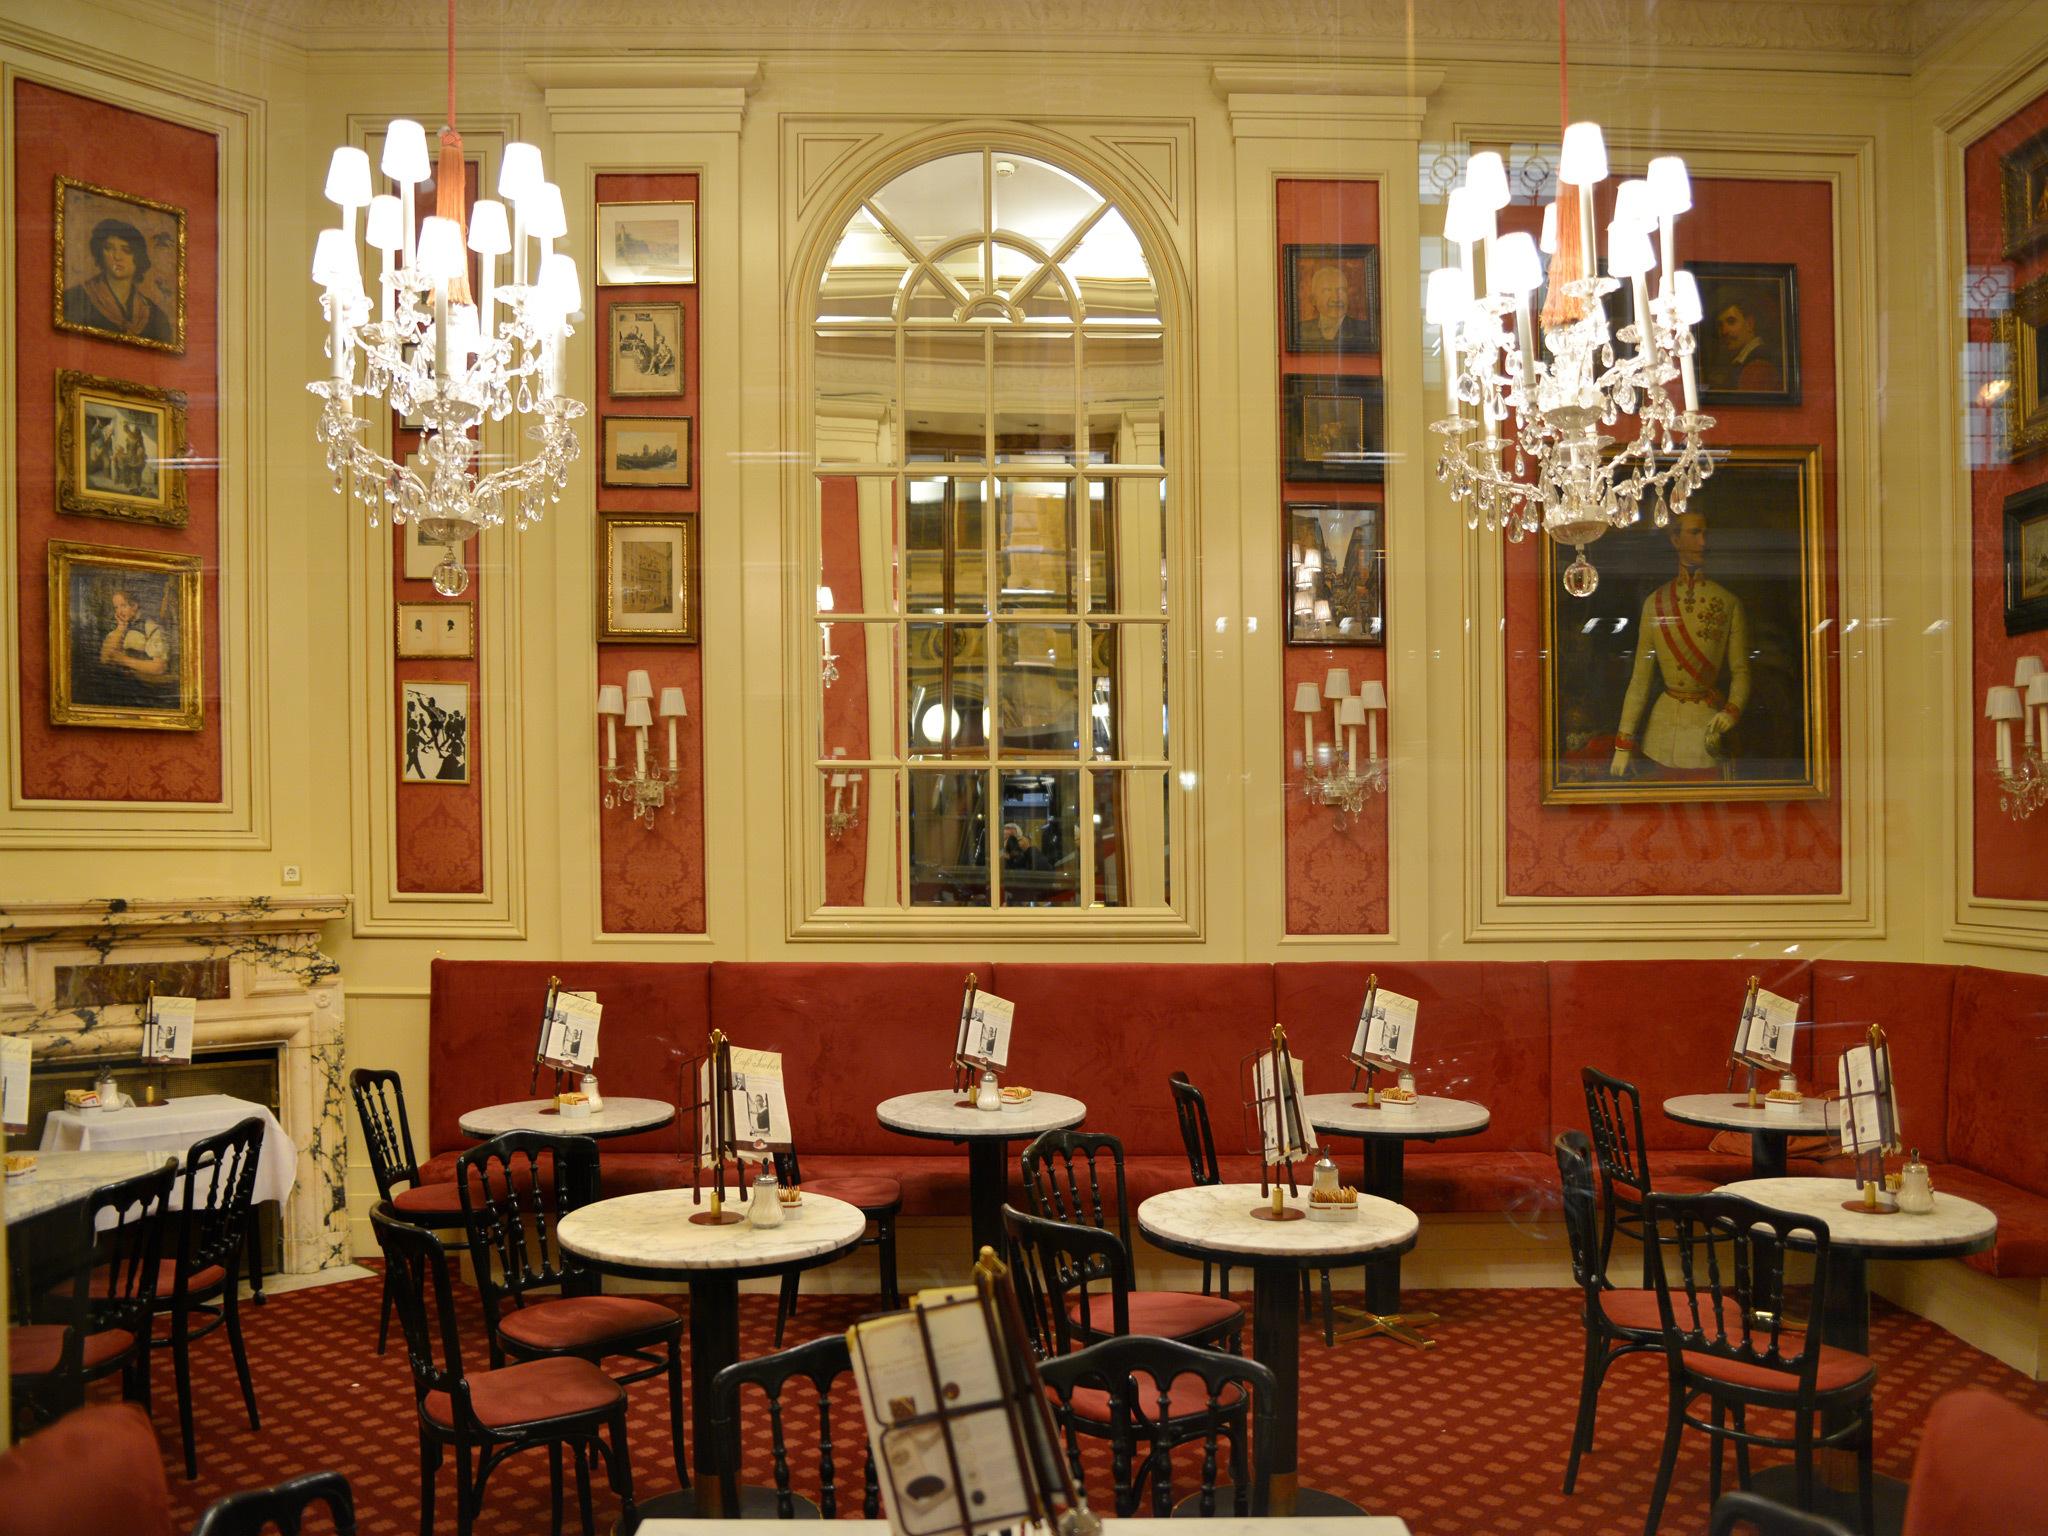 Café Sacher in Vienna